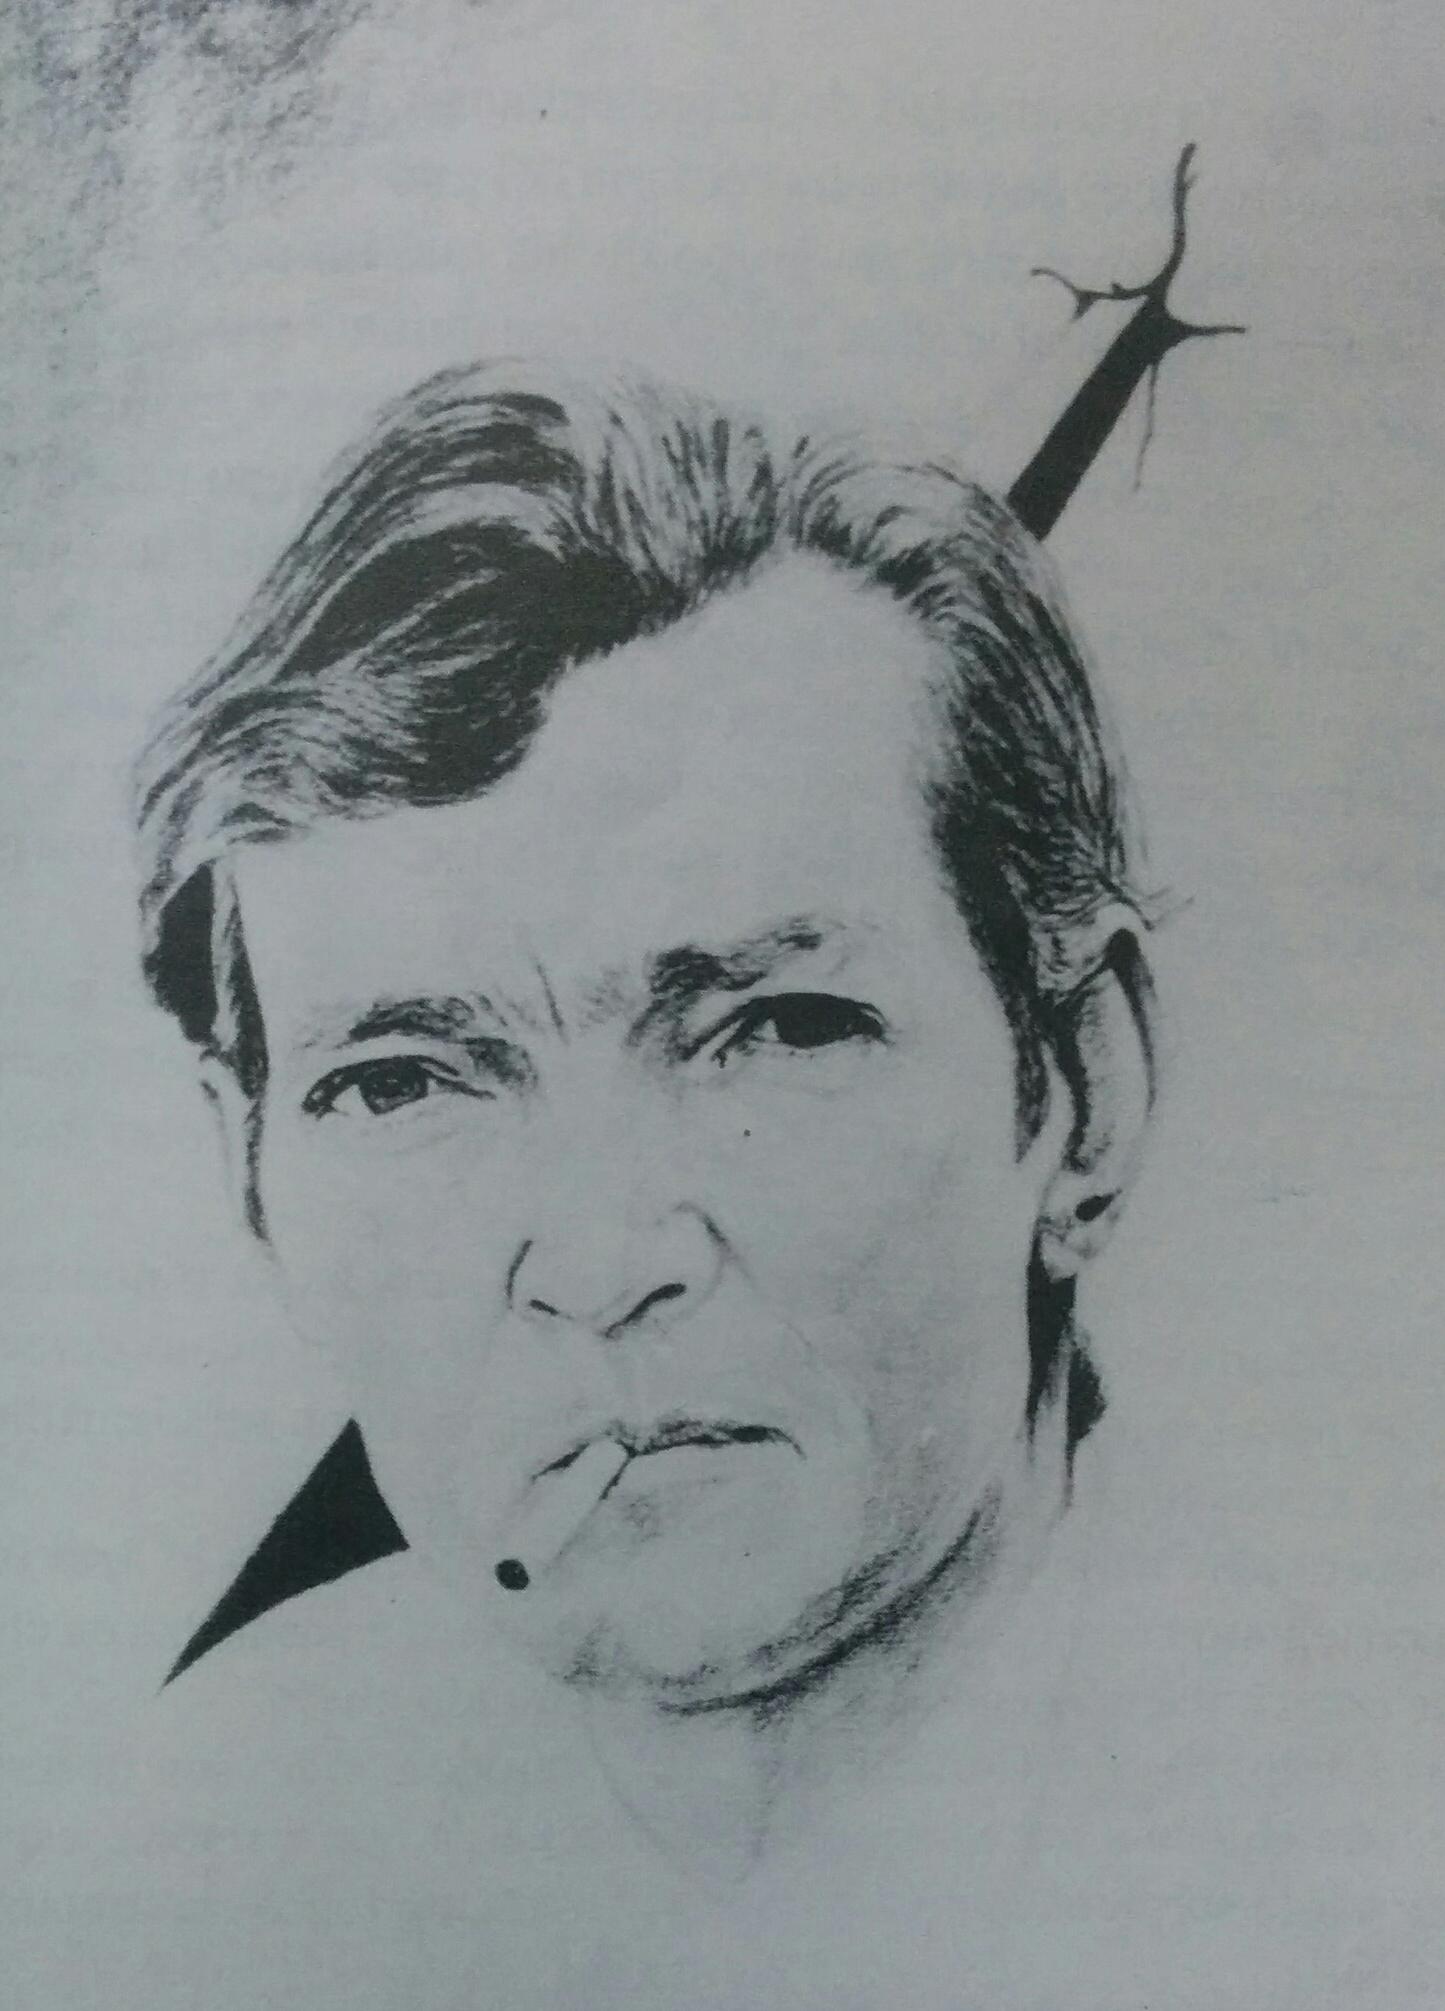 El gran escritor, Julio Florencio Cortázar, en el dibujo del eximio médico cirujano, y talentoso artista plástico, Dr. Daniel Emilio Pastorino (1926-2005), ex alumno de Cortázar, en las aulas de la Escuela Normal.